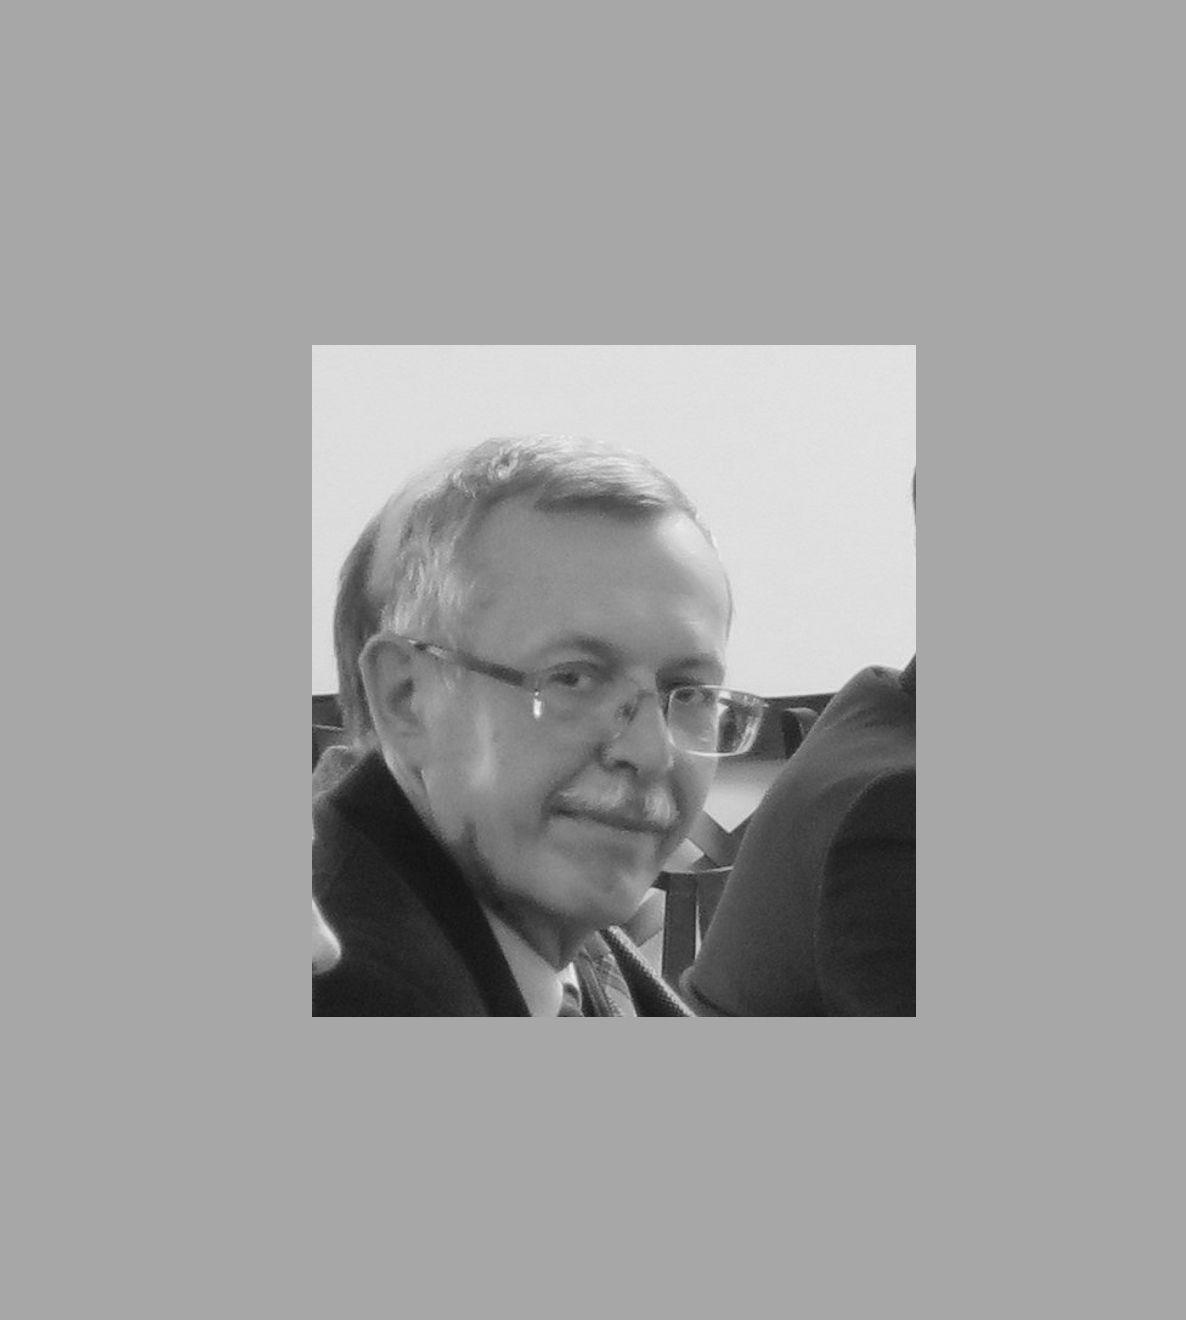 Zmarł dyrektor szkoły w Krzyżowicach